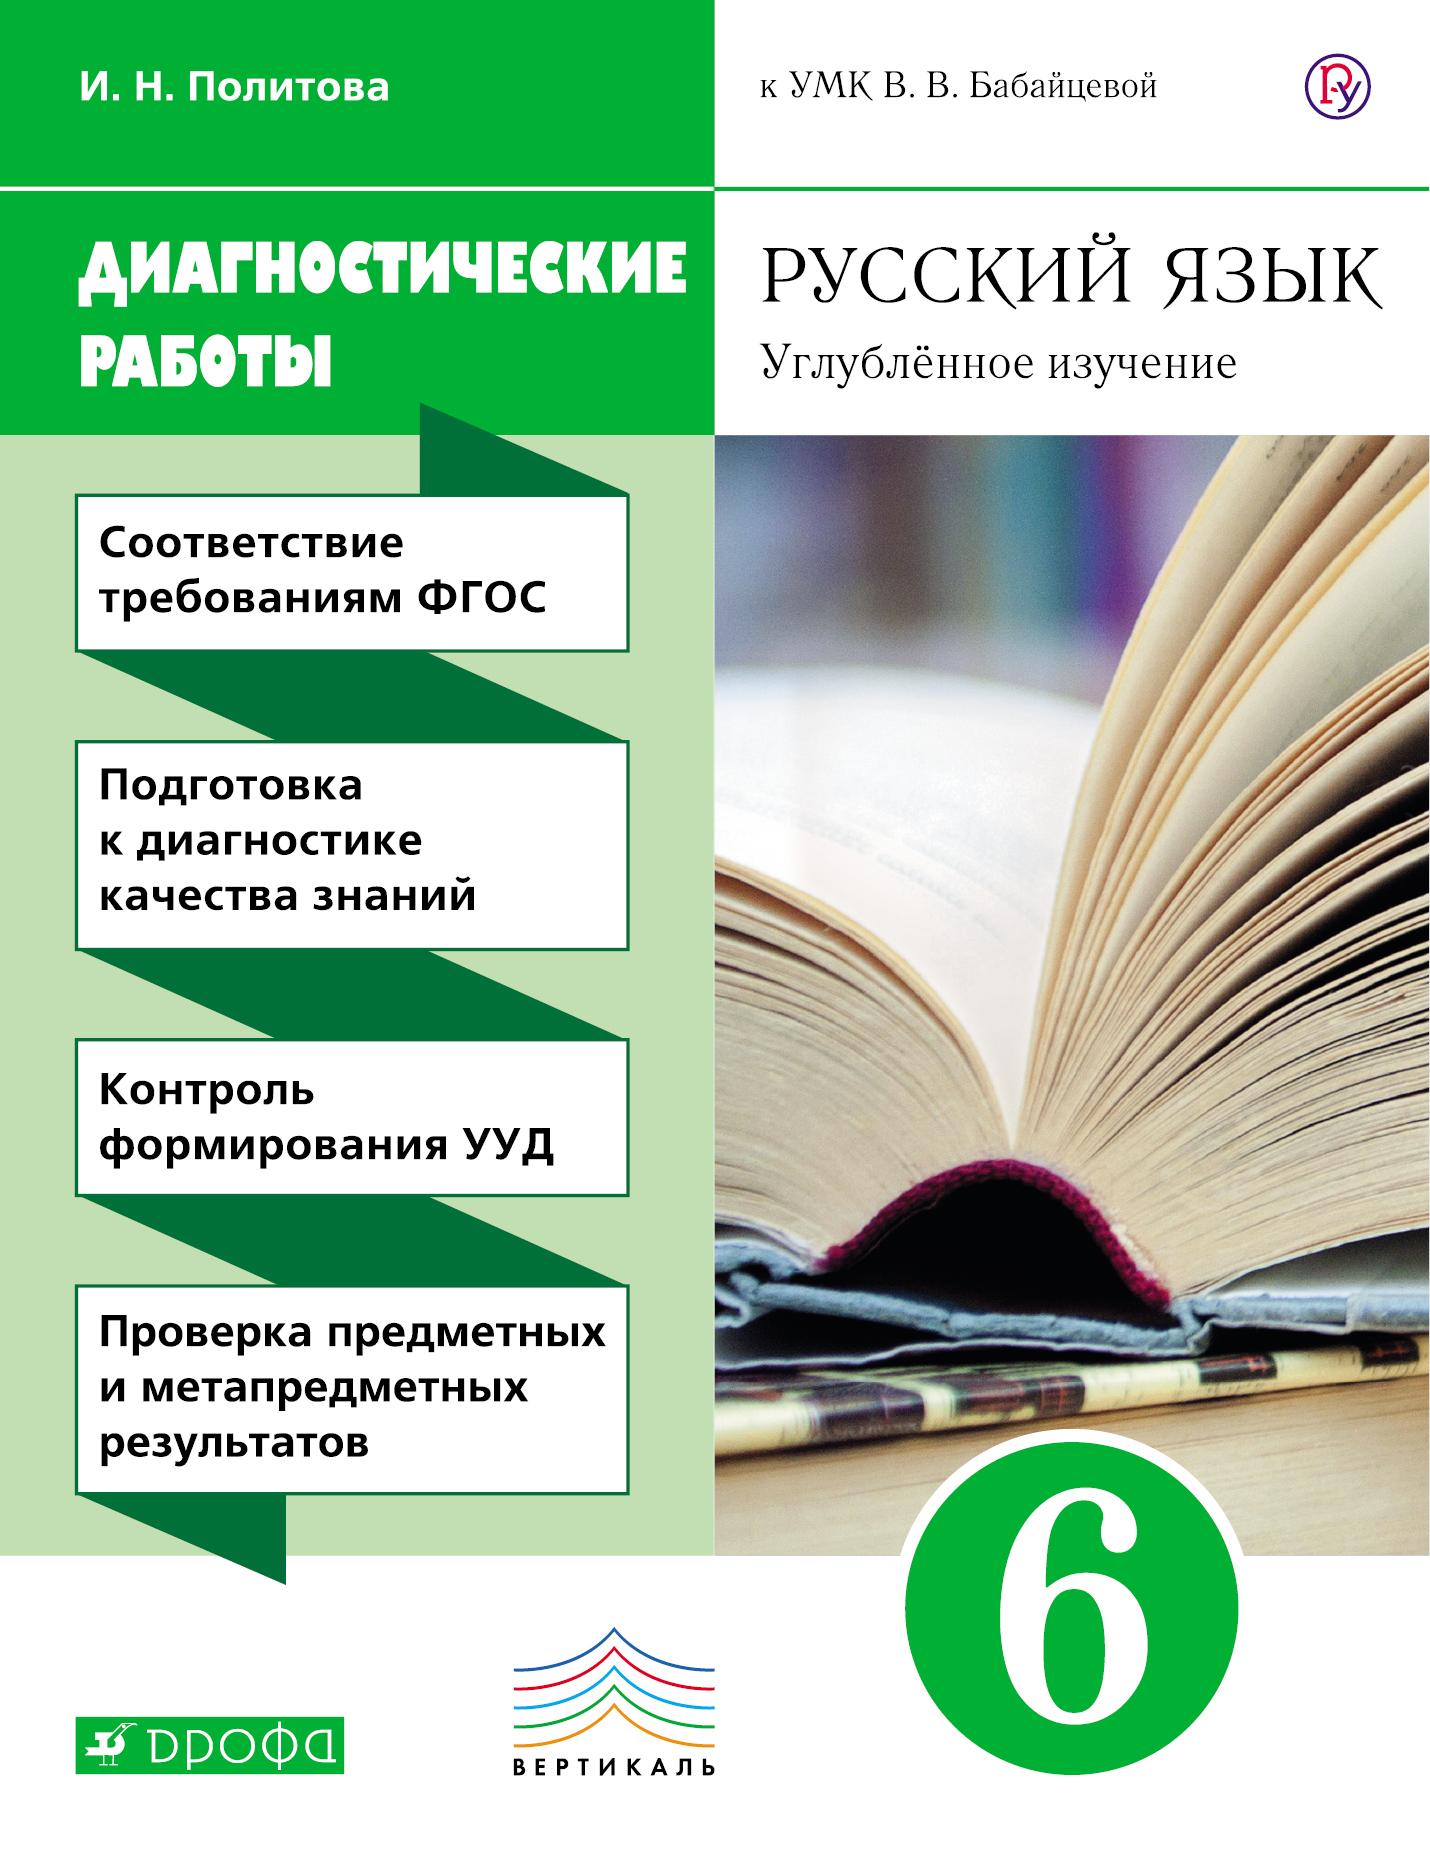 6 политова гдз по русскому класс